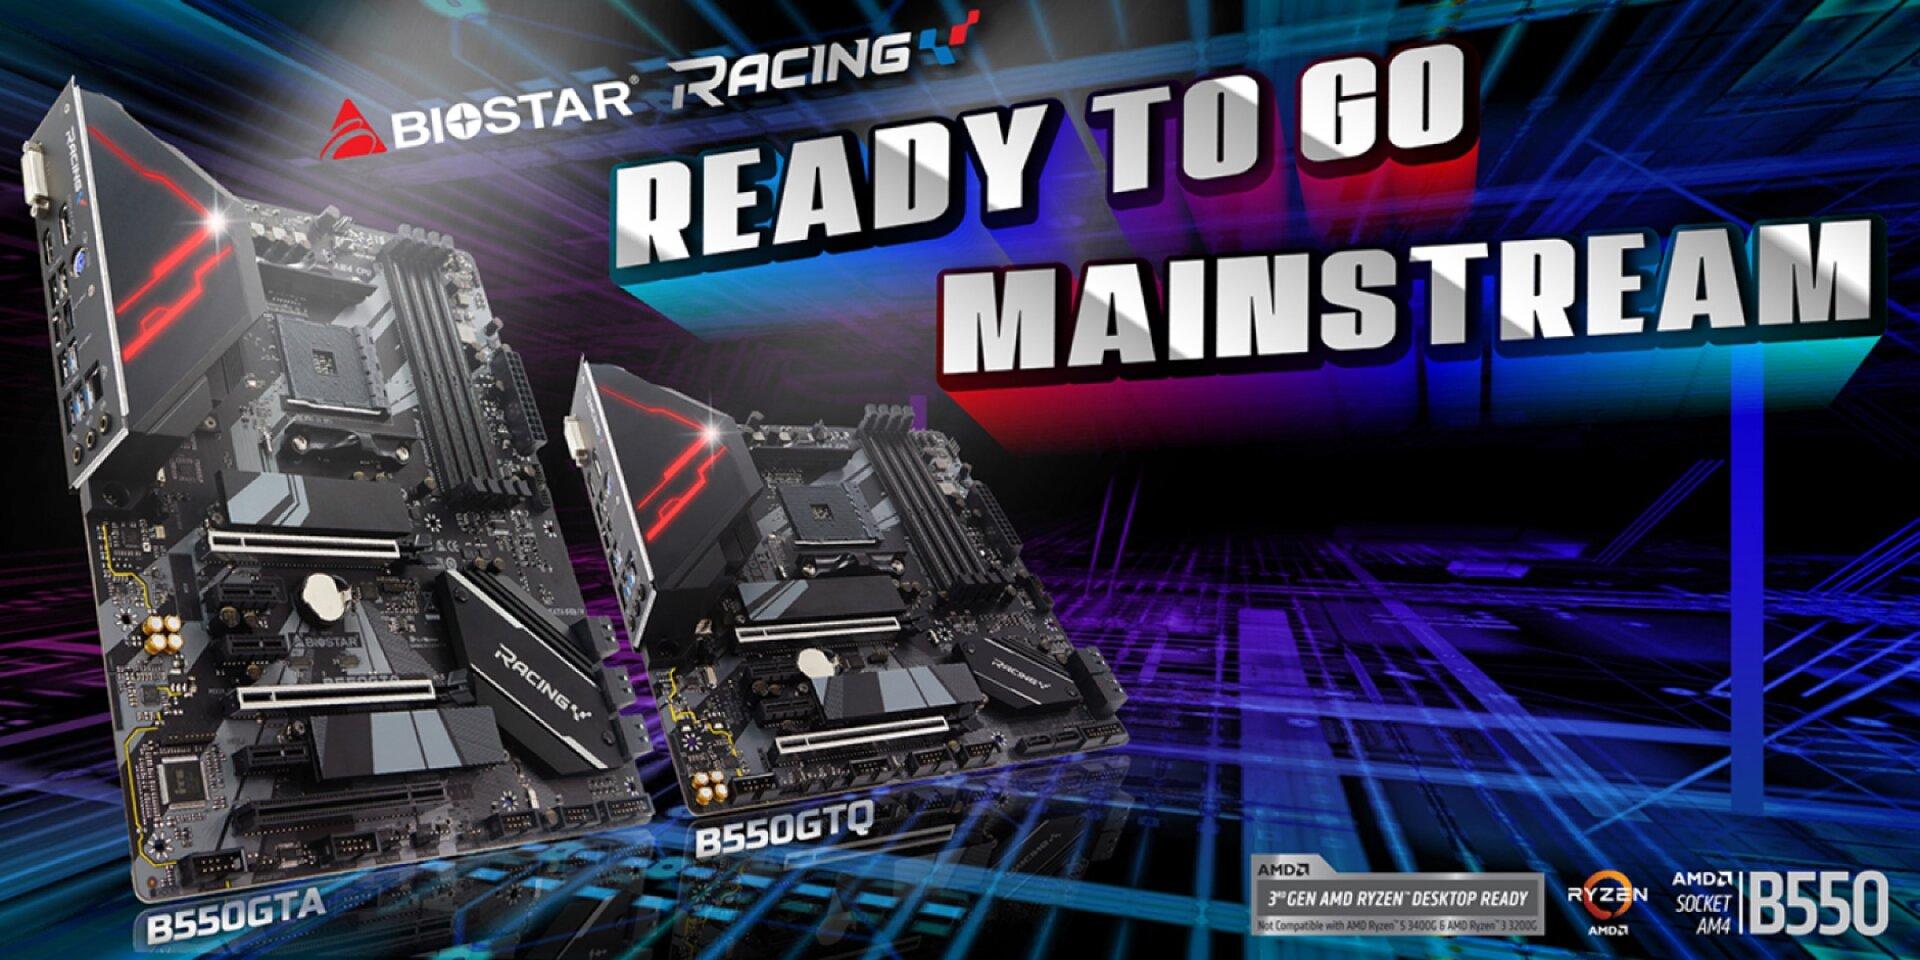 Biostar Racing B550GTA und B550GTQ - Logo